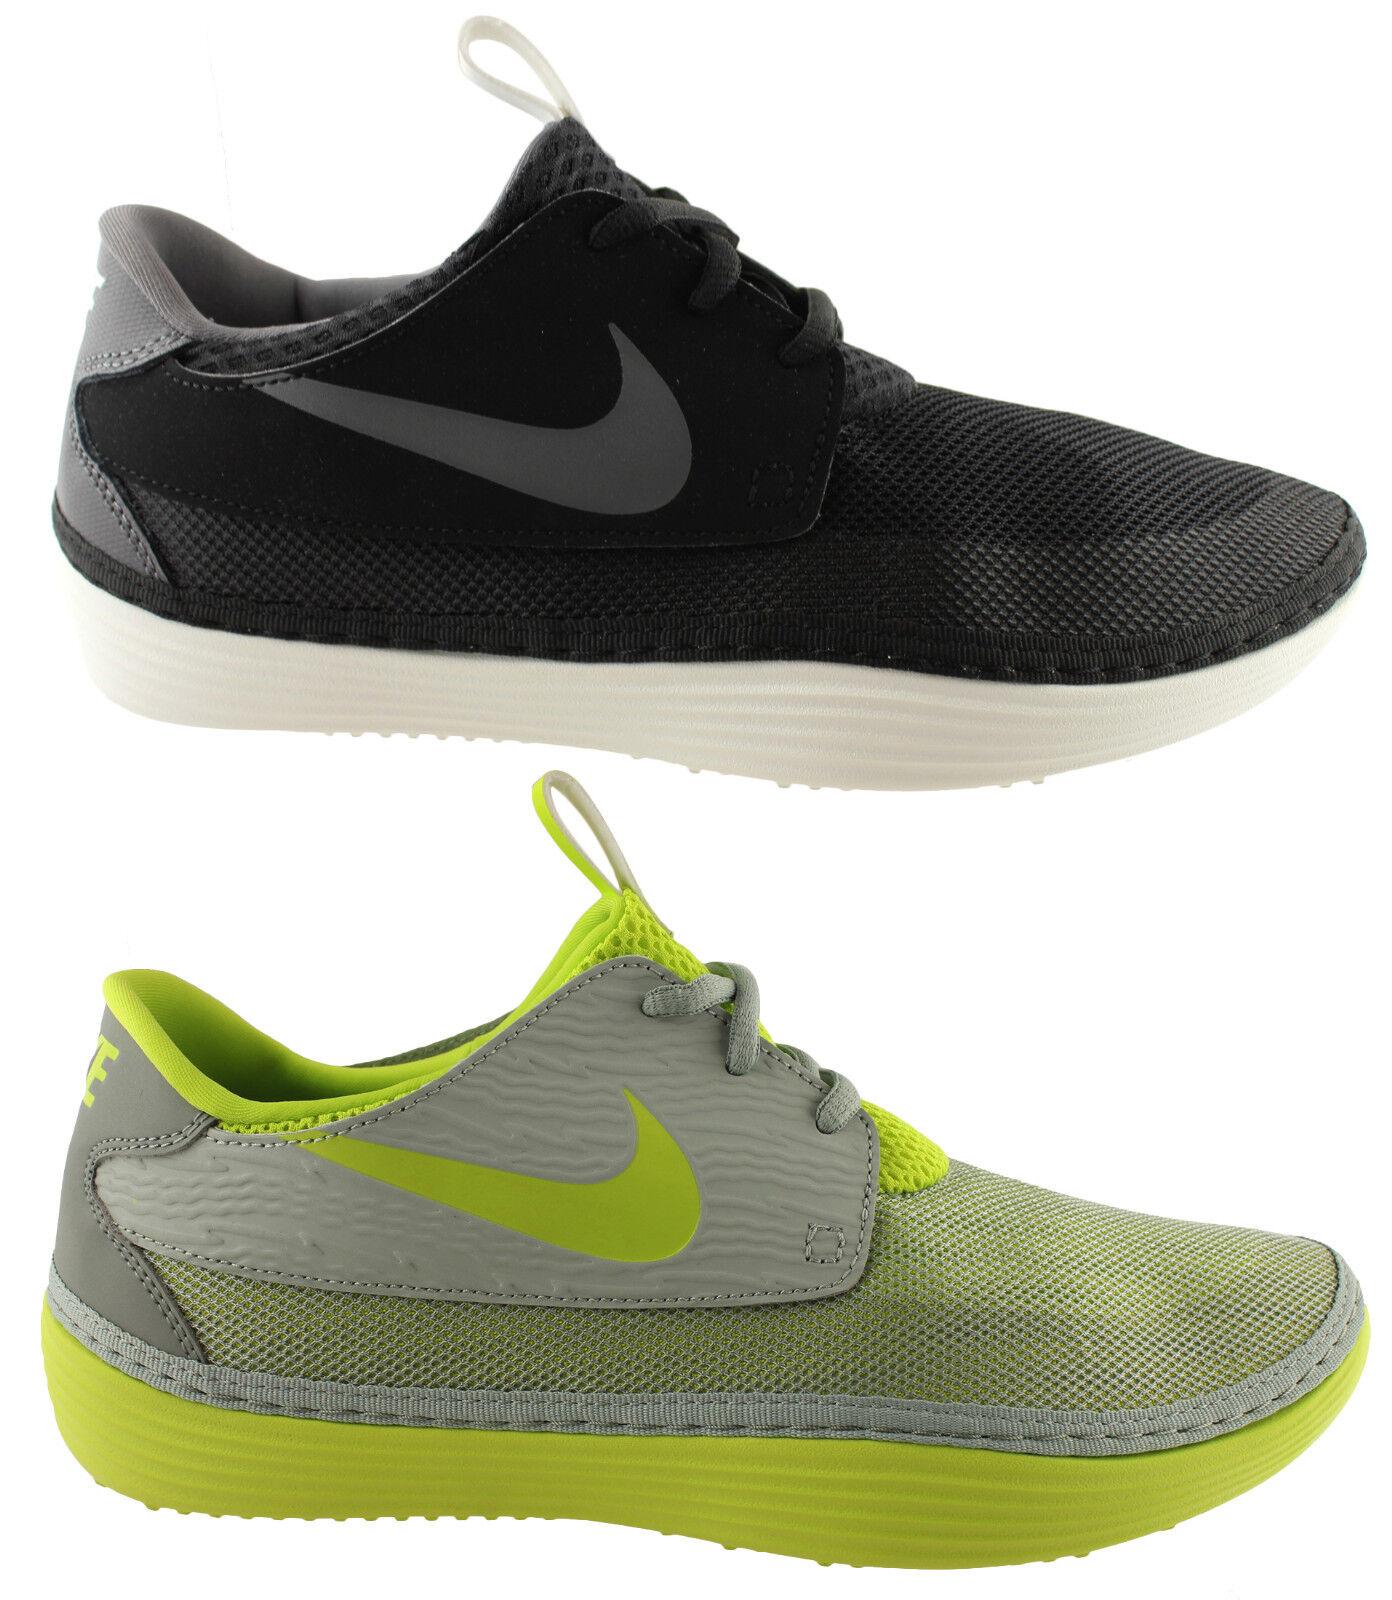 Nike solarsoft mocassino Uomo casual / le scarpe sportive / i / tennis / formatori